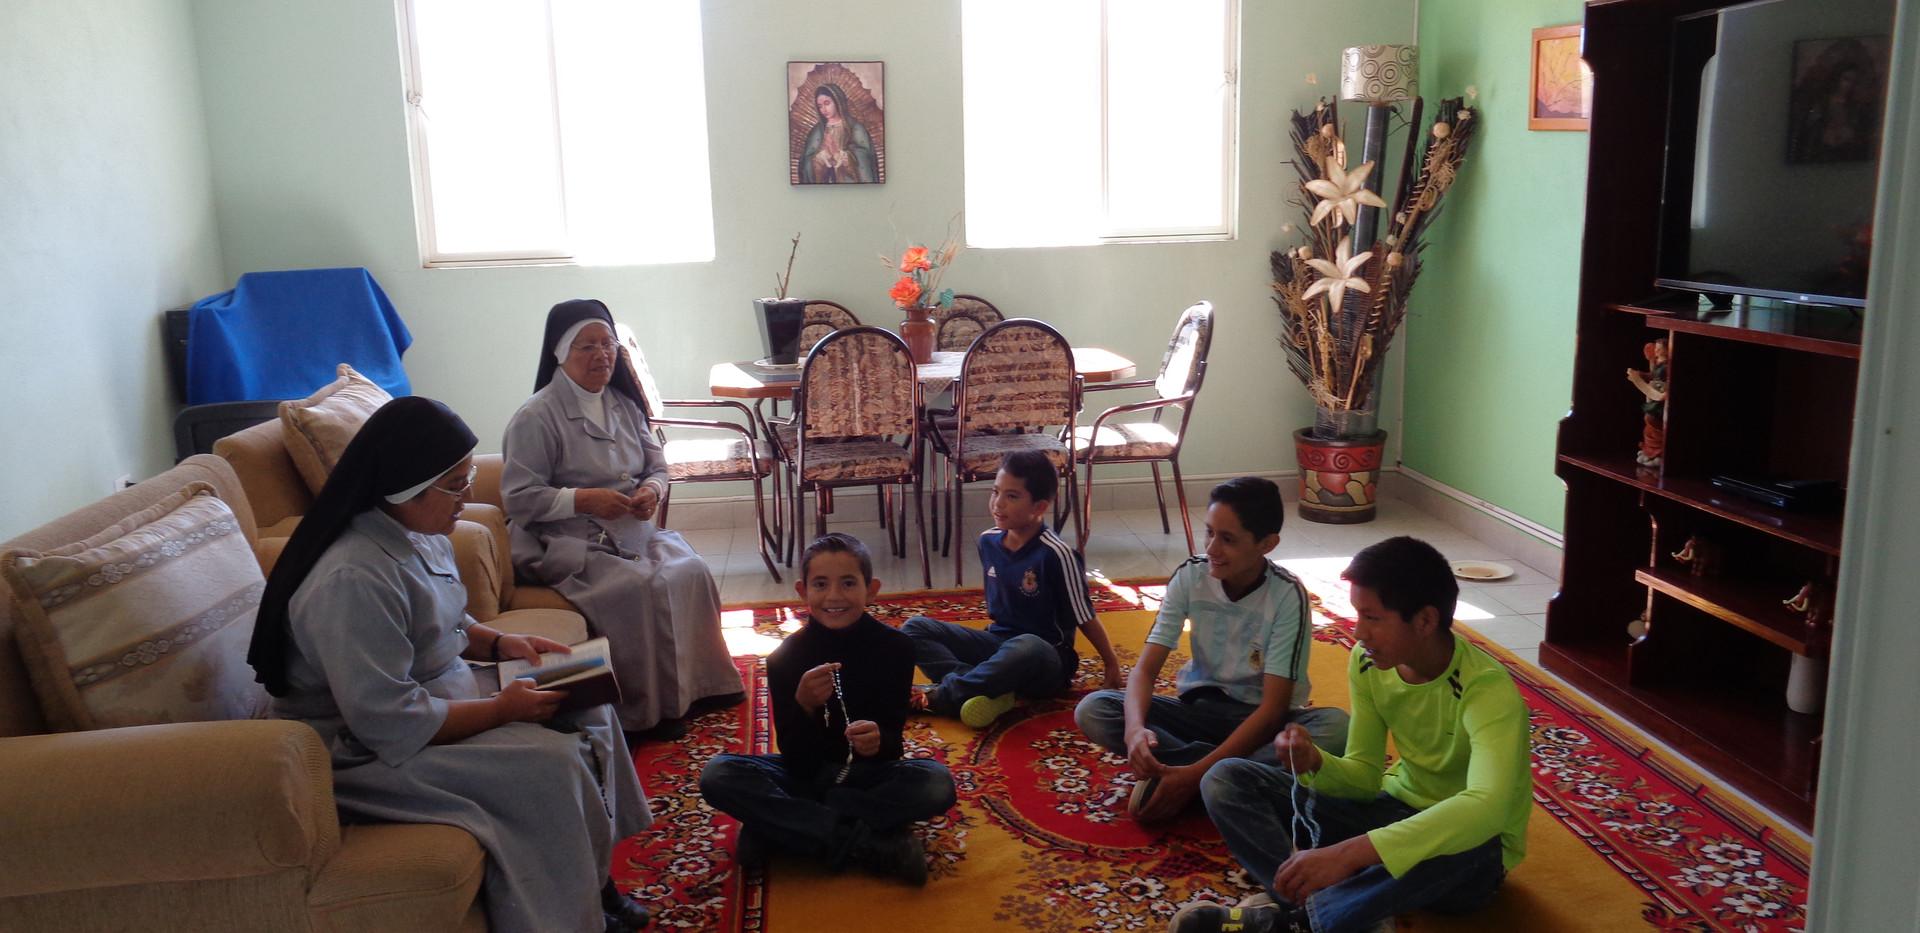 Casa de Adolecentes: San Juan Pablo II